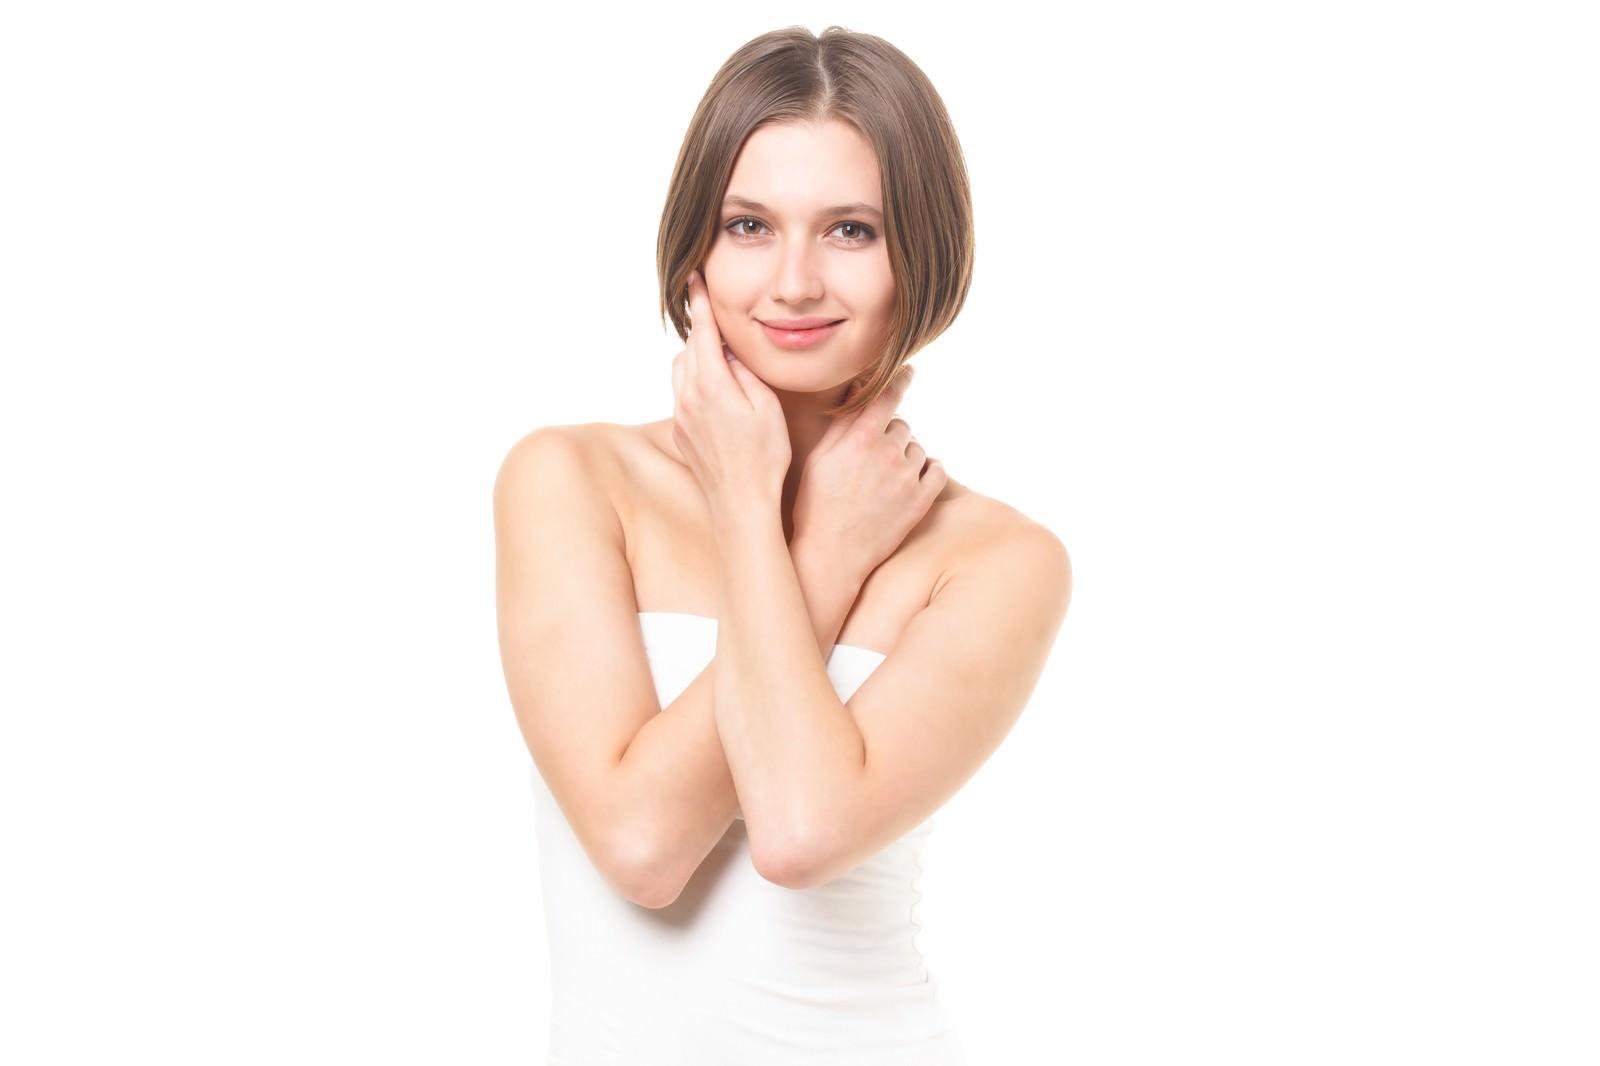 「健康な肌を大切にする女性(エステ・美容)」の写真[モデル:モデルファクトリー]